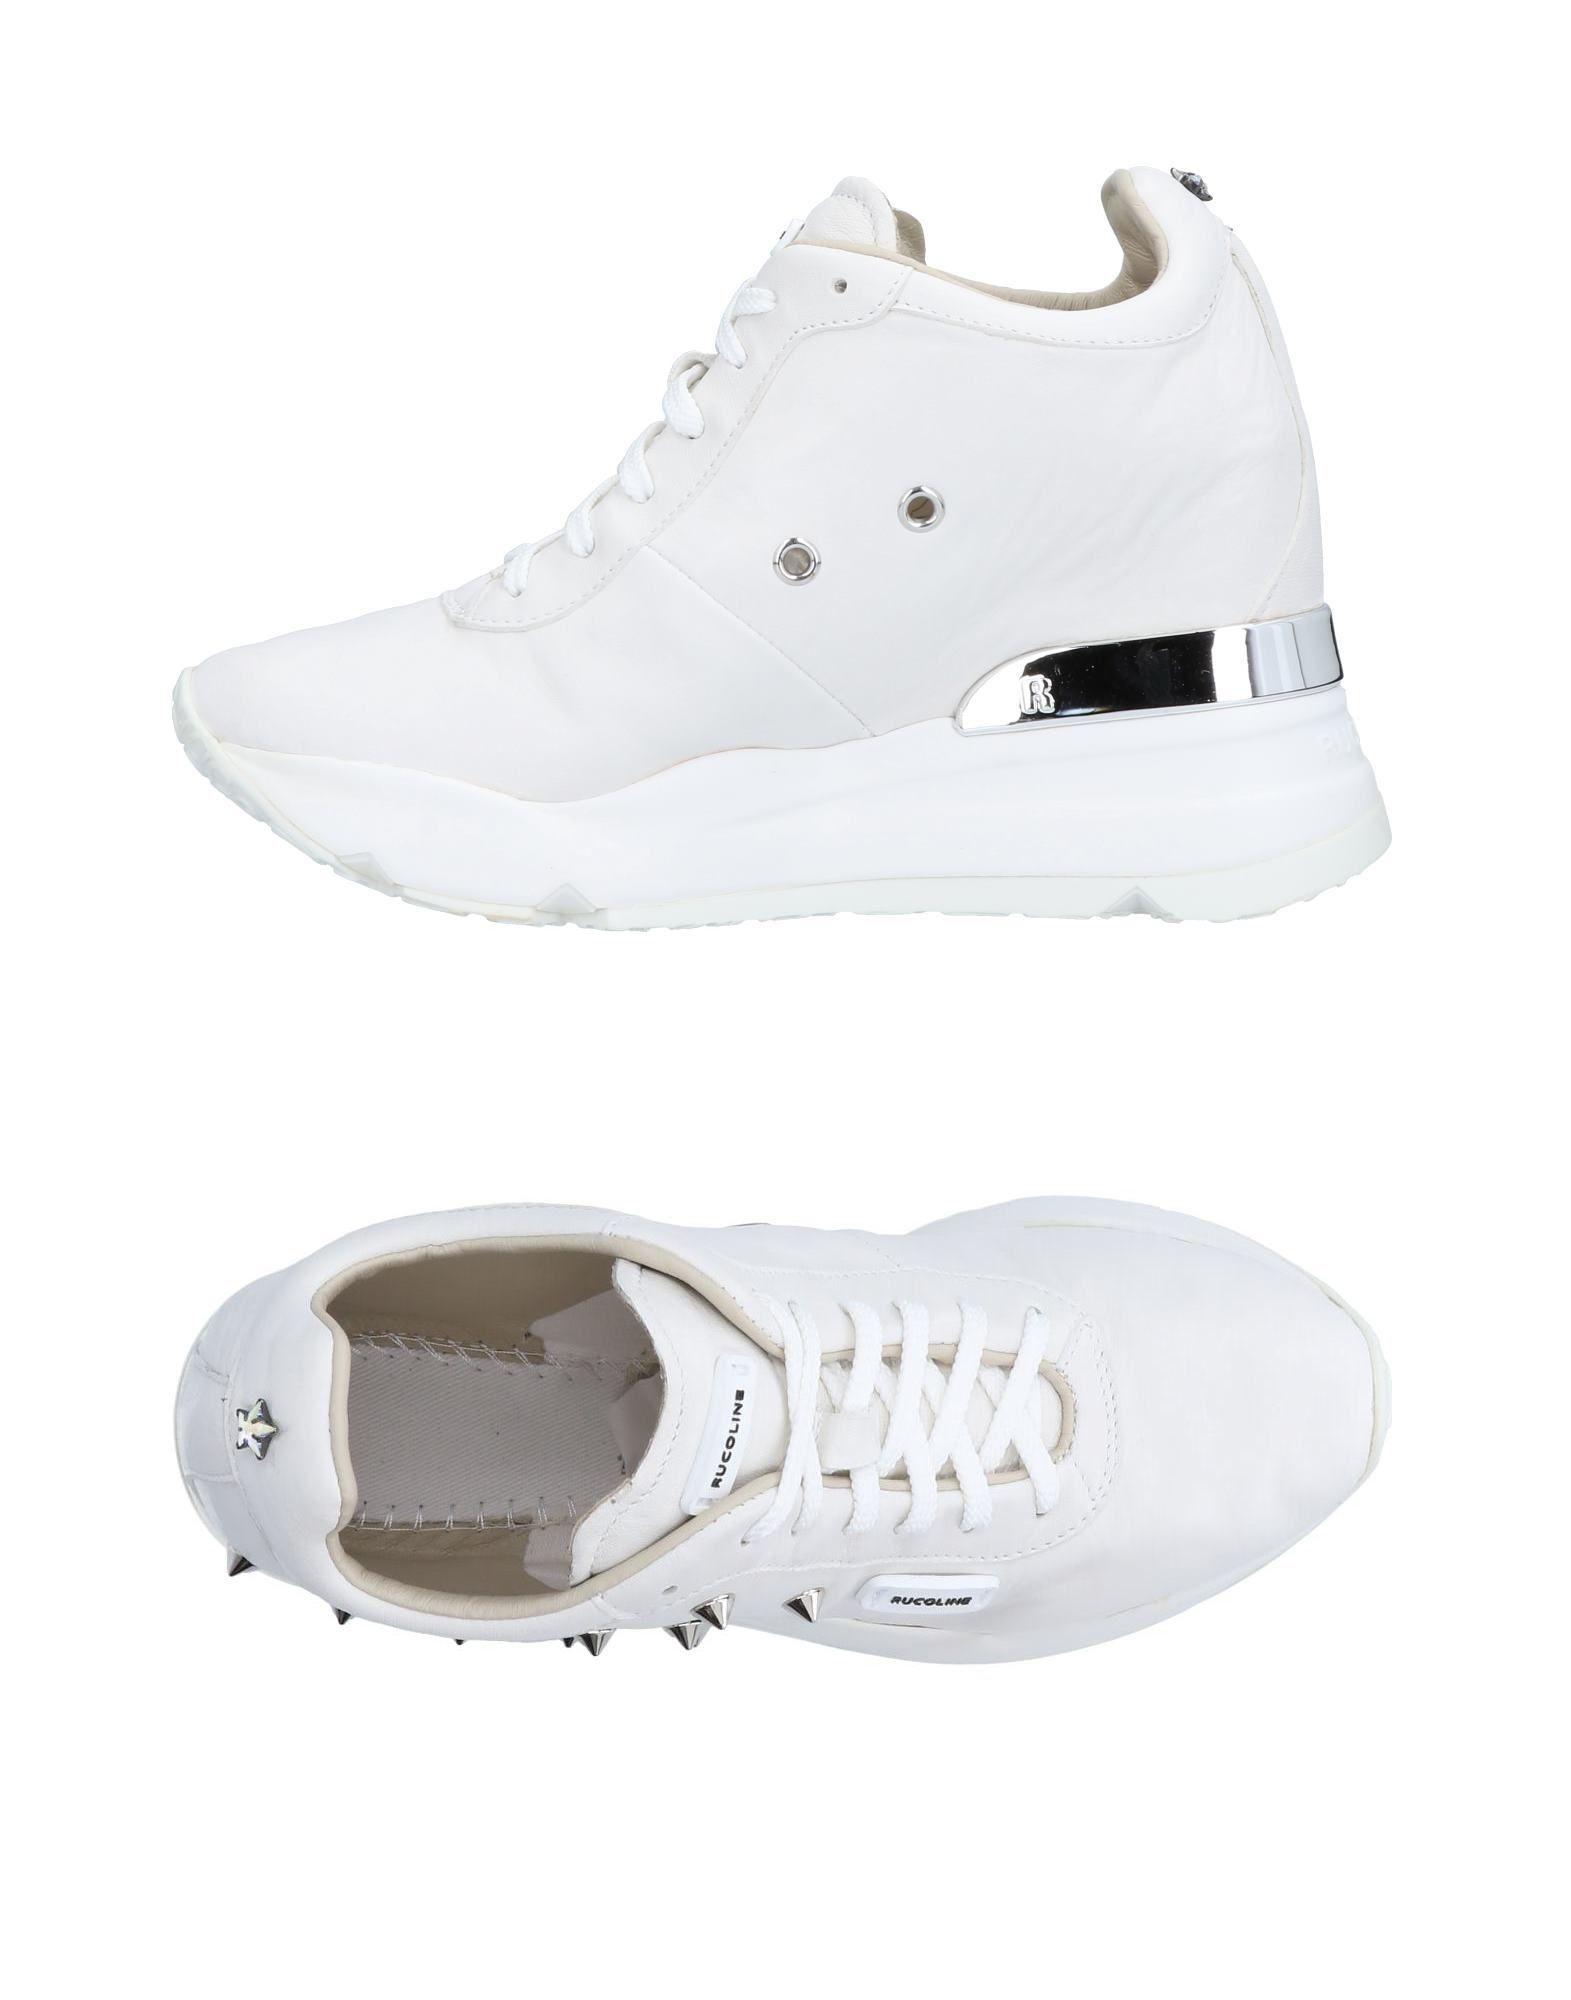 Ruco Sneakers Line Sneakers Ruco Damen Gutes Preis-Leistungs-Verhältnis, es lohnt sich 41f3bb